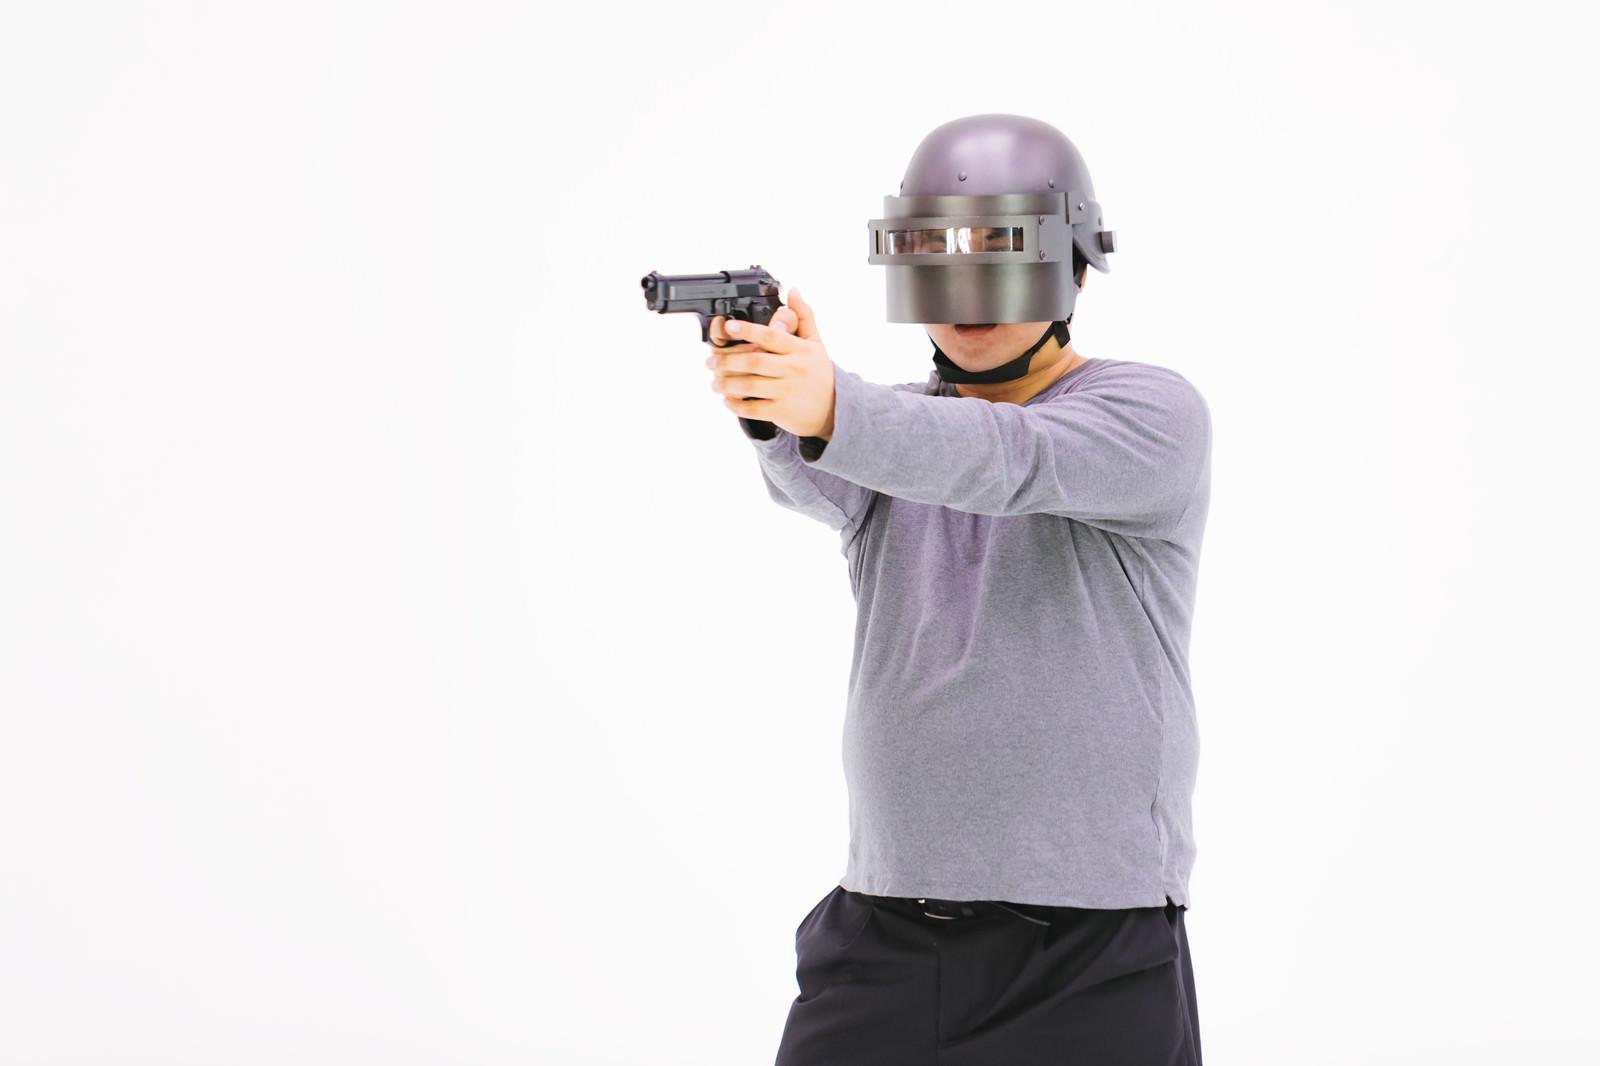 「3ヘル手に入れたけど拳銃しか所持してないマン」[モデル:段田隼人]